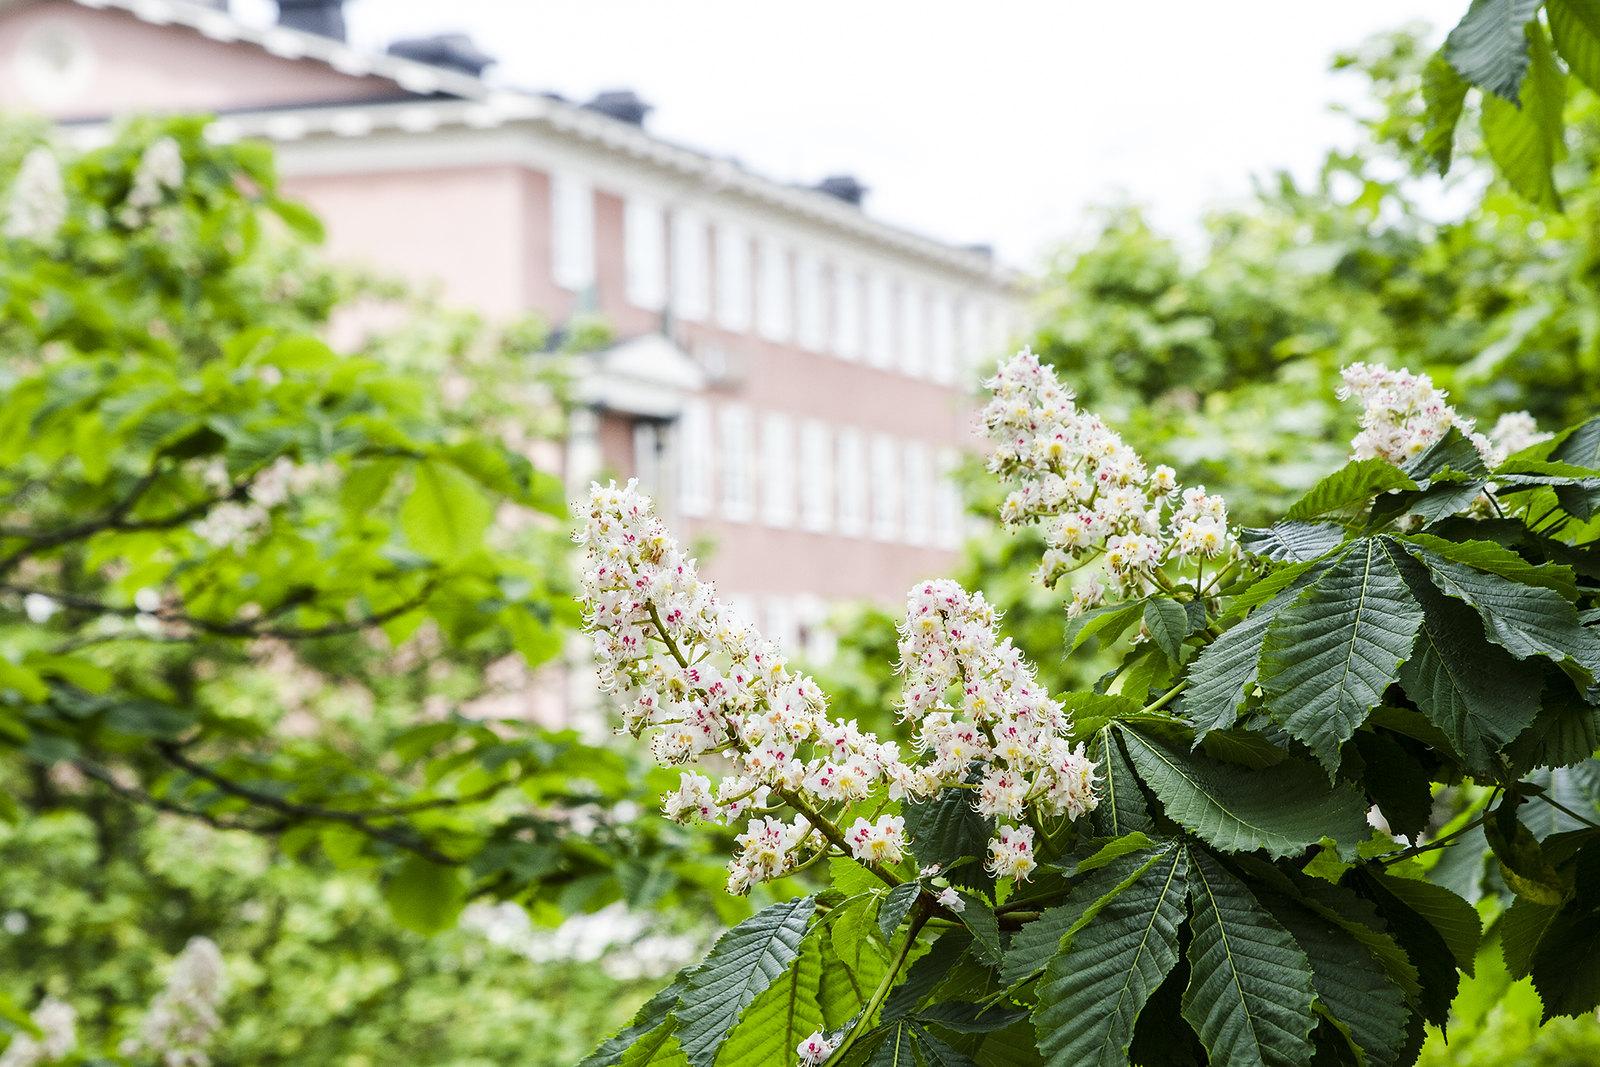 Stockholm, hemma hos mig www.traningsgladje.se